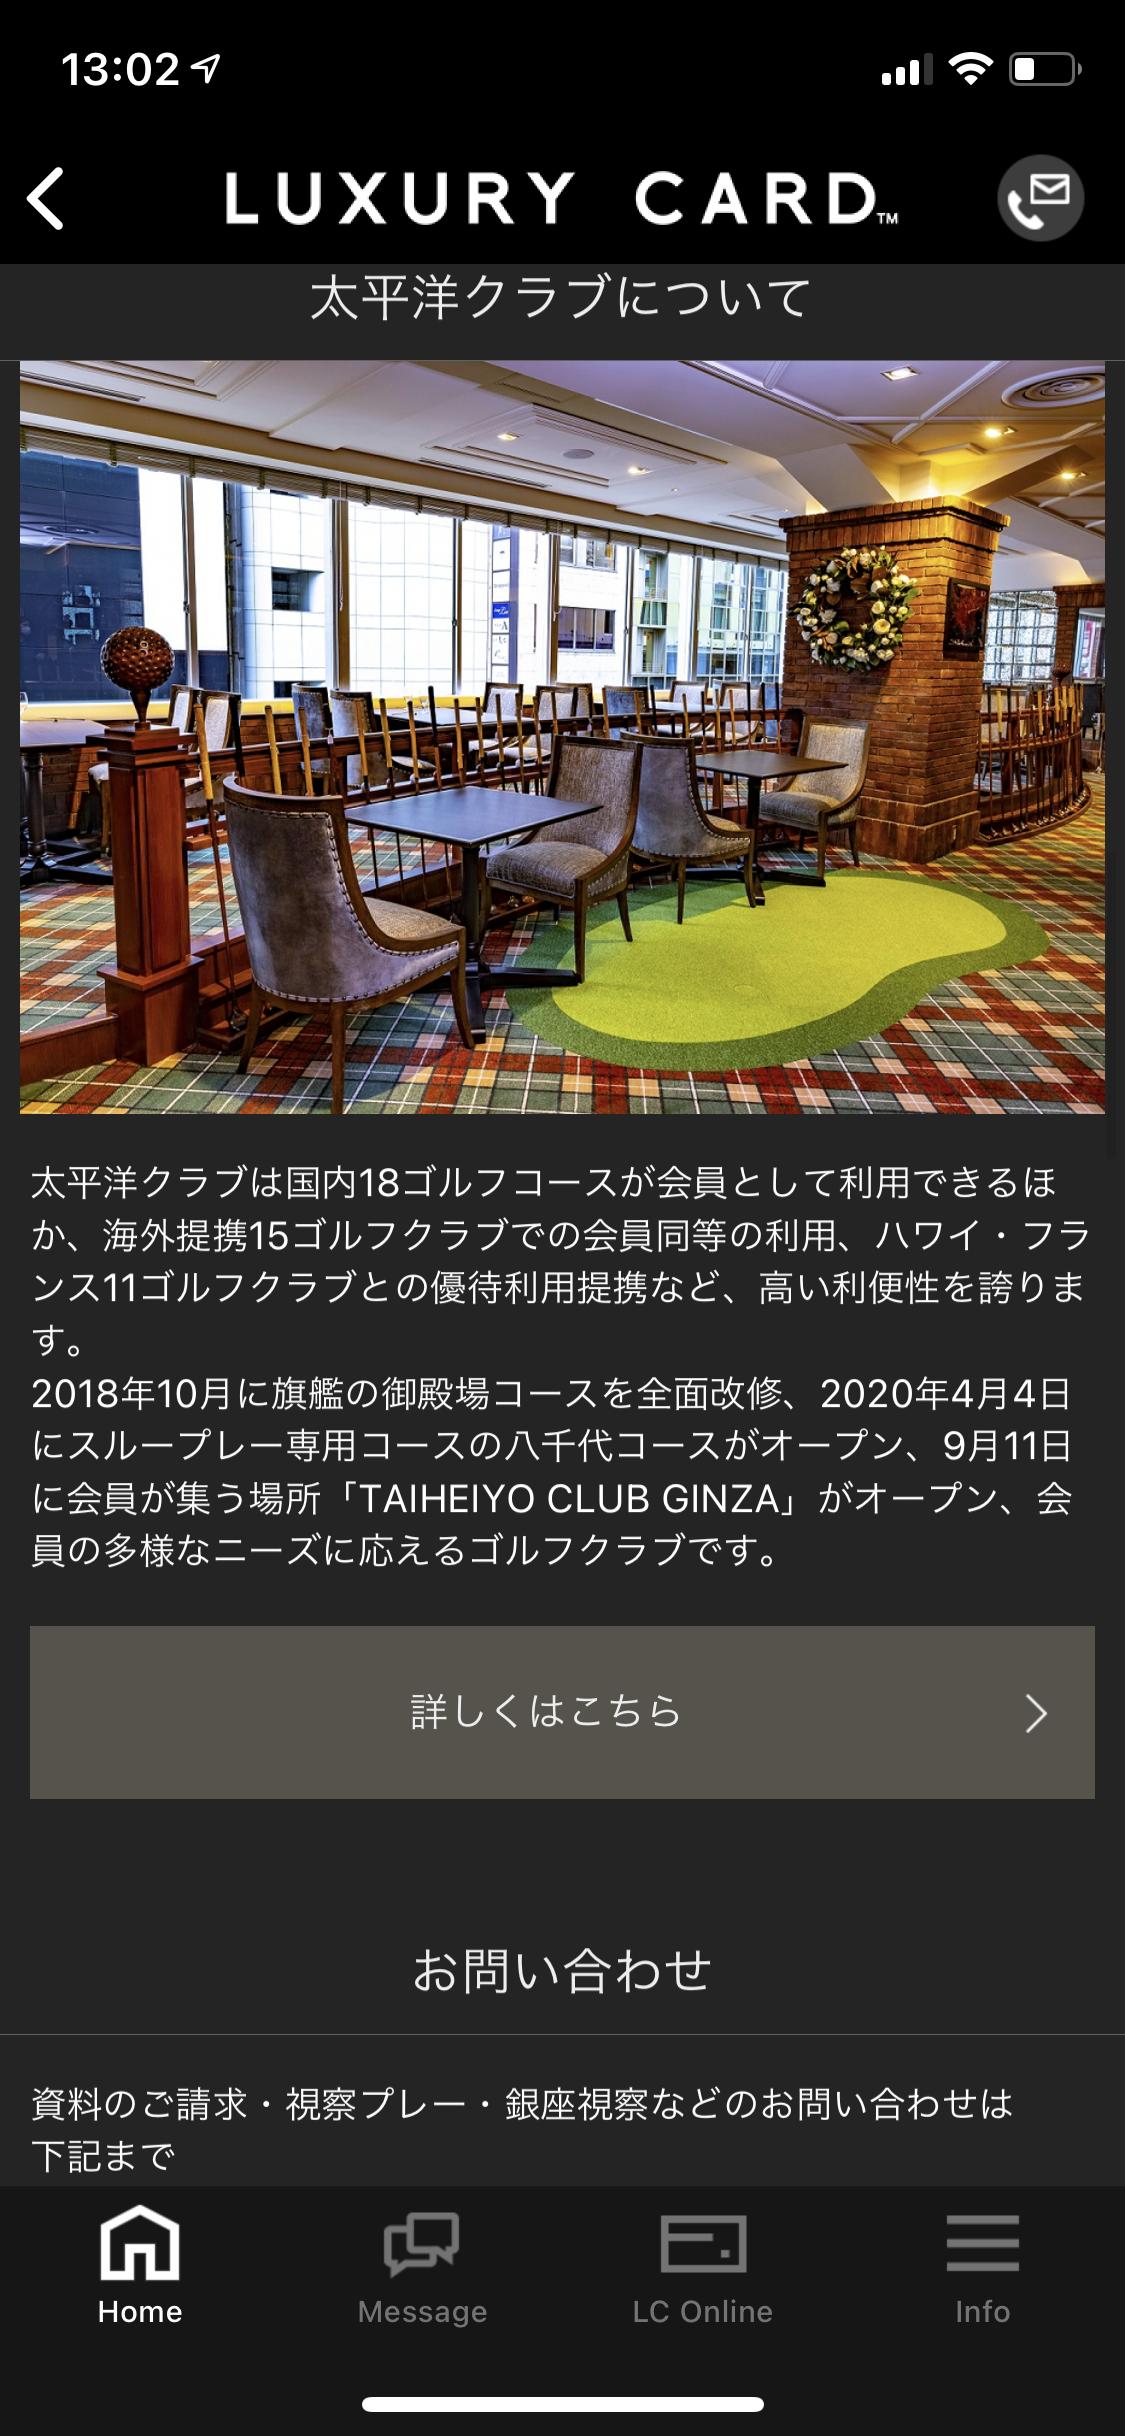 ラグジュアリーカードの太平洋クラブ御殿場コースプレー付き宿泊特別プラン (1)